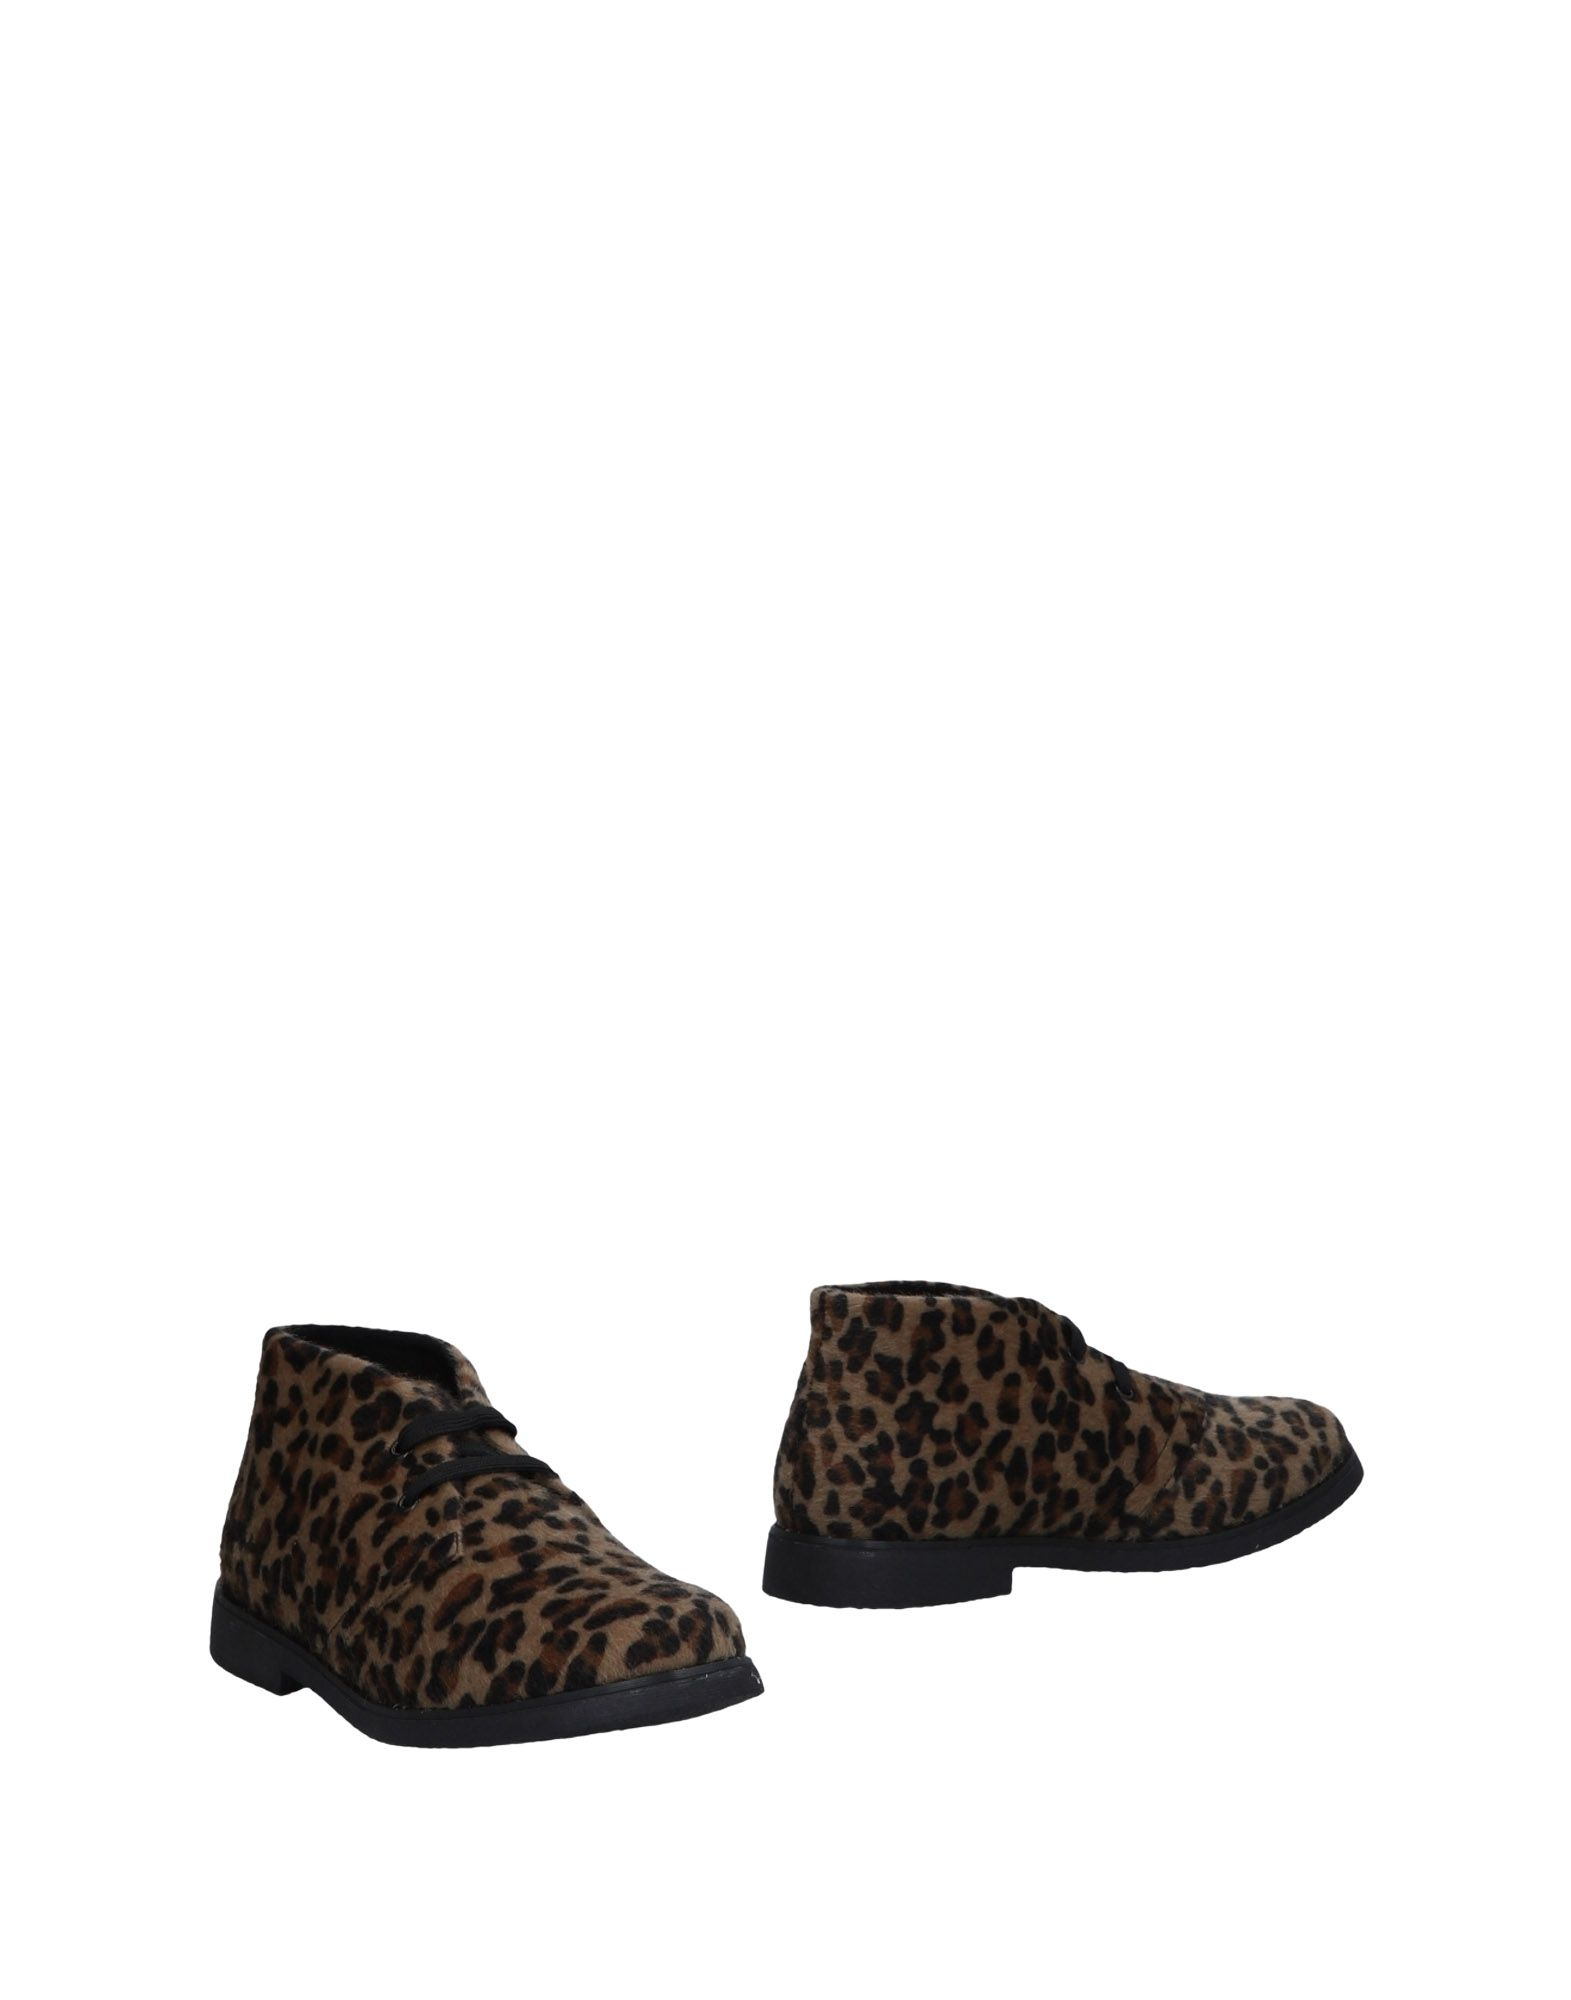 Manila Grace Stiefelette Damen Schuhe  11478384LU Gute Qualität beliebte Schuhe Damen 5ac37c